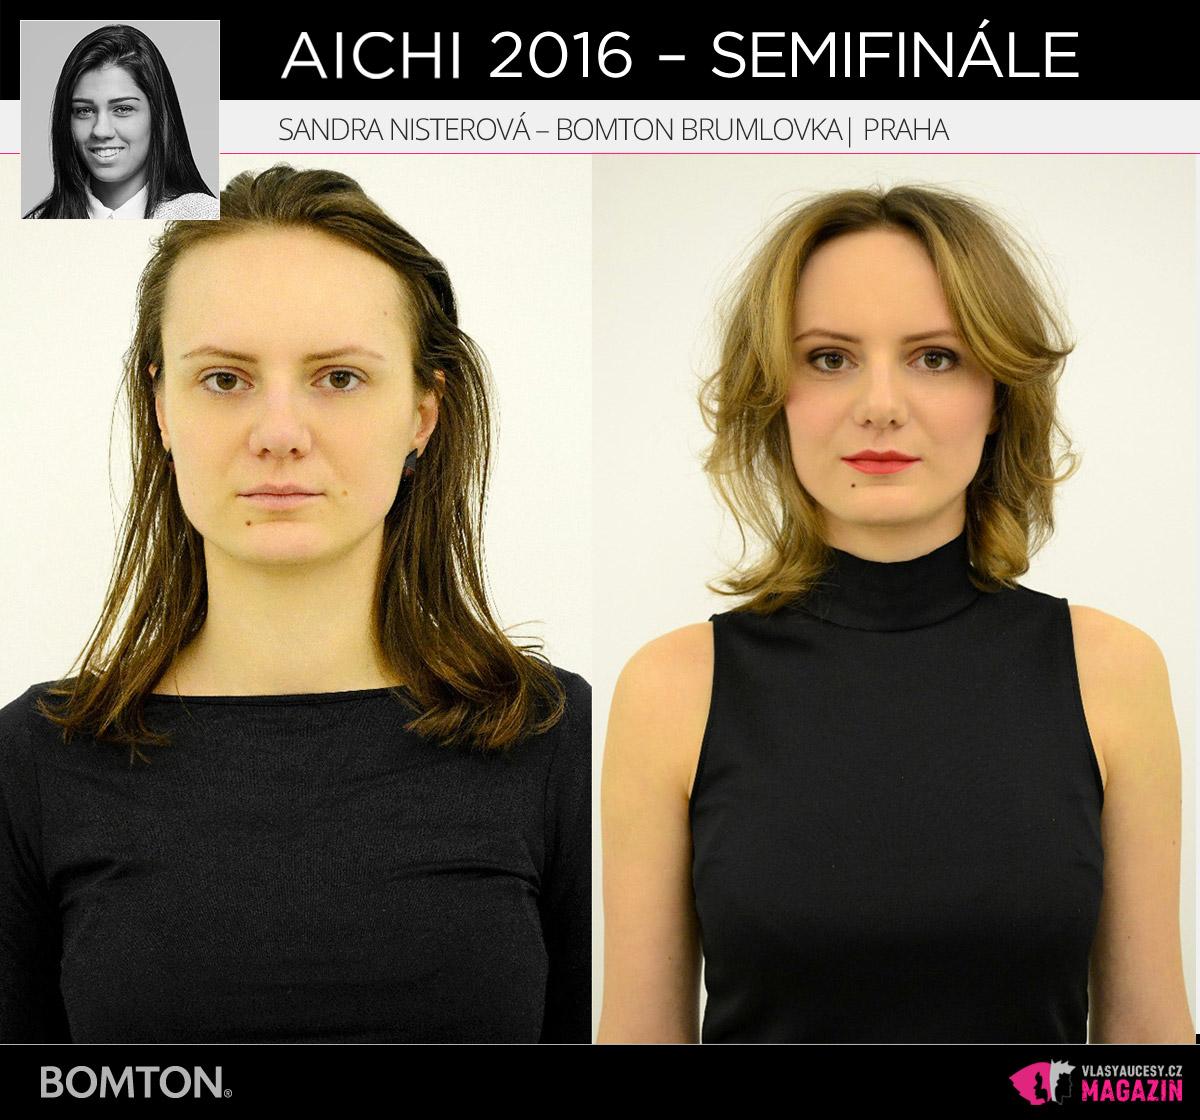 Sandra Nisterová – Bomton Brumlovka, Praha | Proměny AICHI 2016 - postupující do semifinálového kola